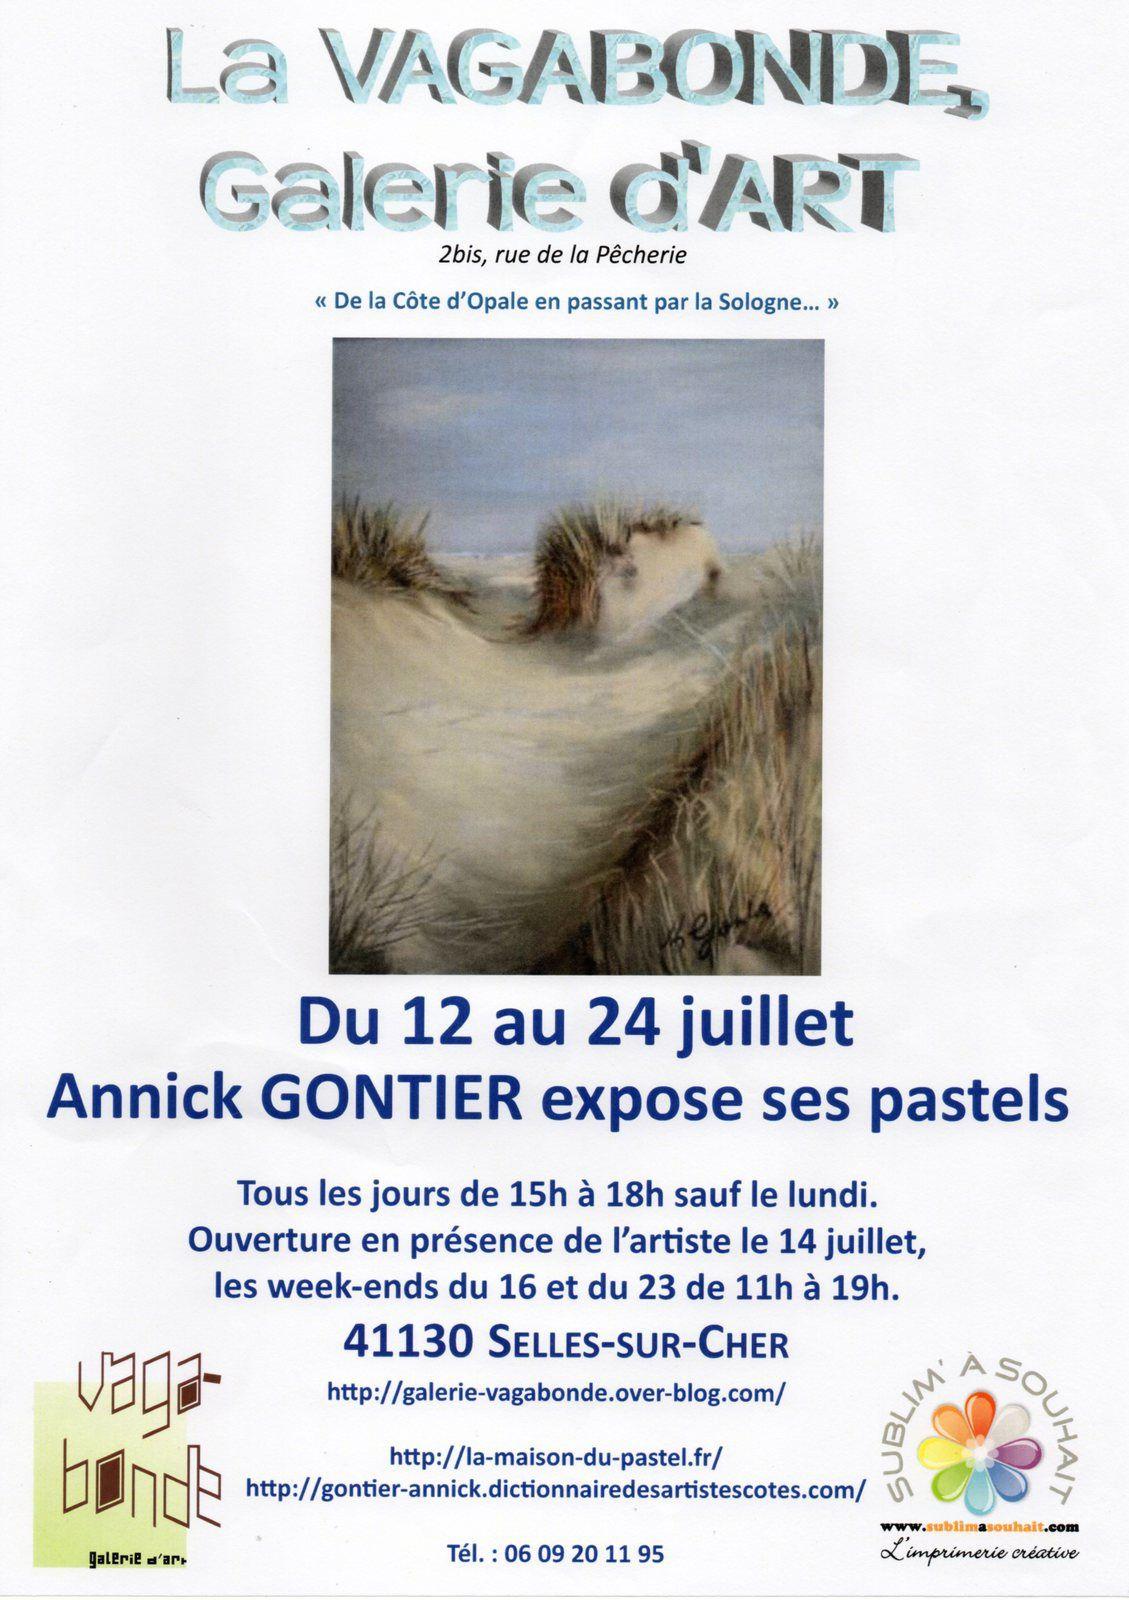 Annick Gontier, peintre pastelliste à la Vagabonde du 12 au 24 juillet